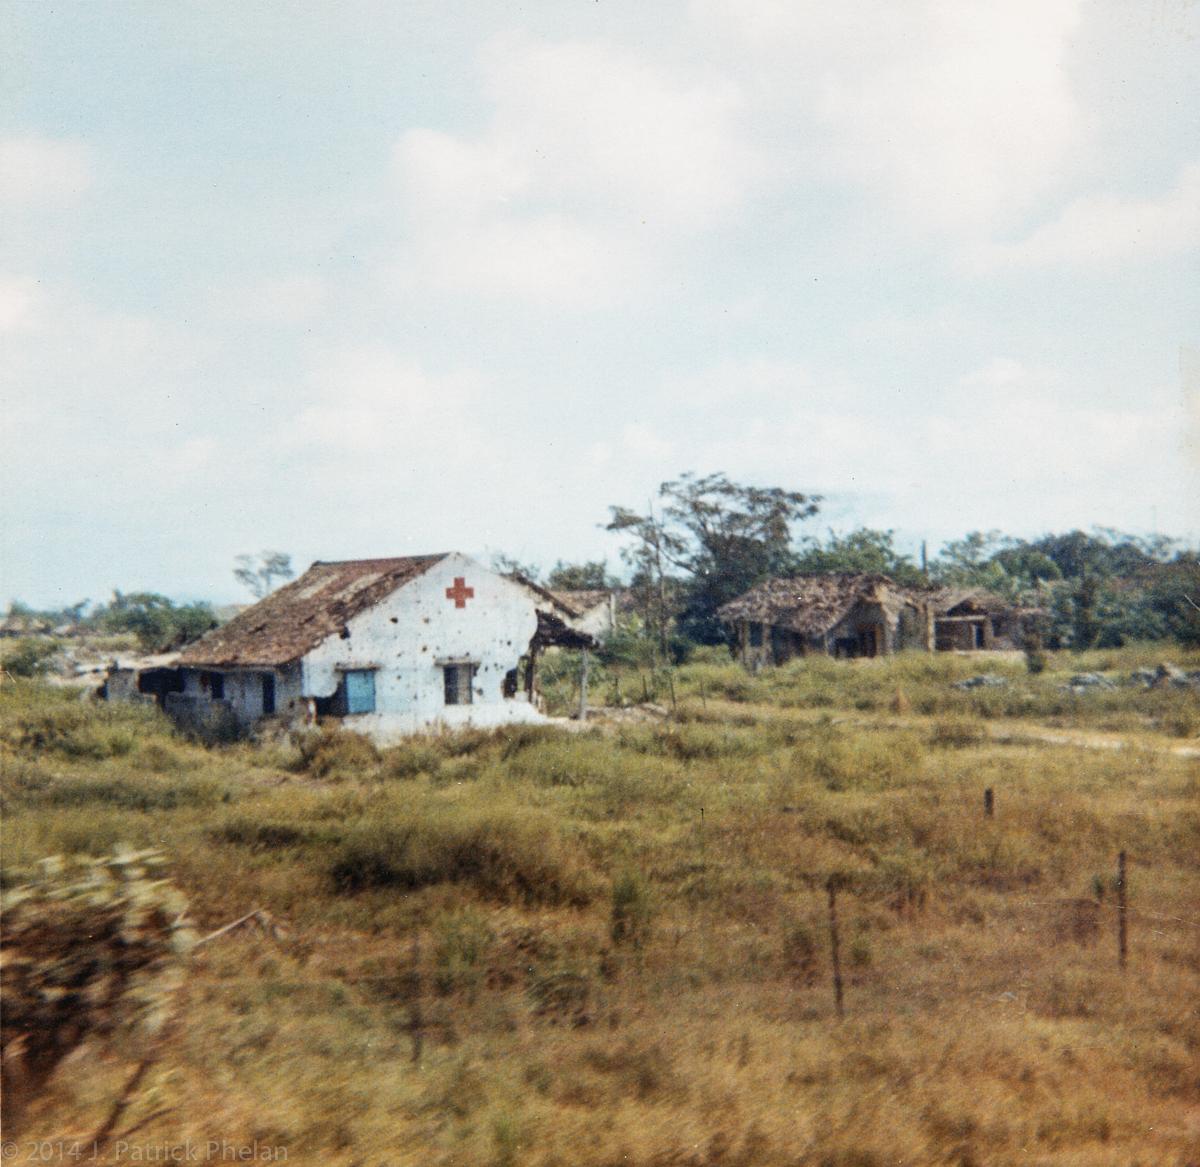 Phelan_1968-70Vietnam_0471